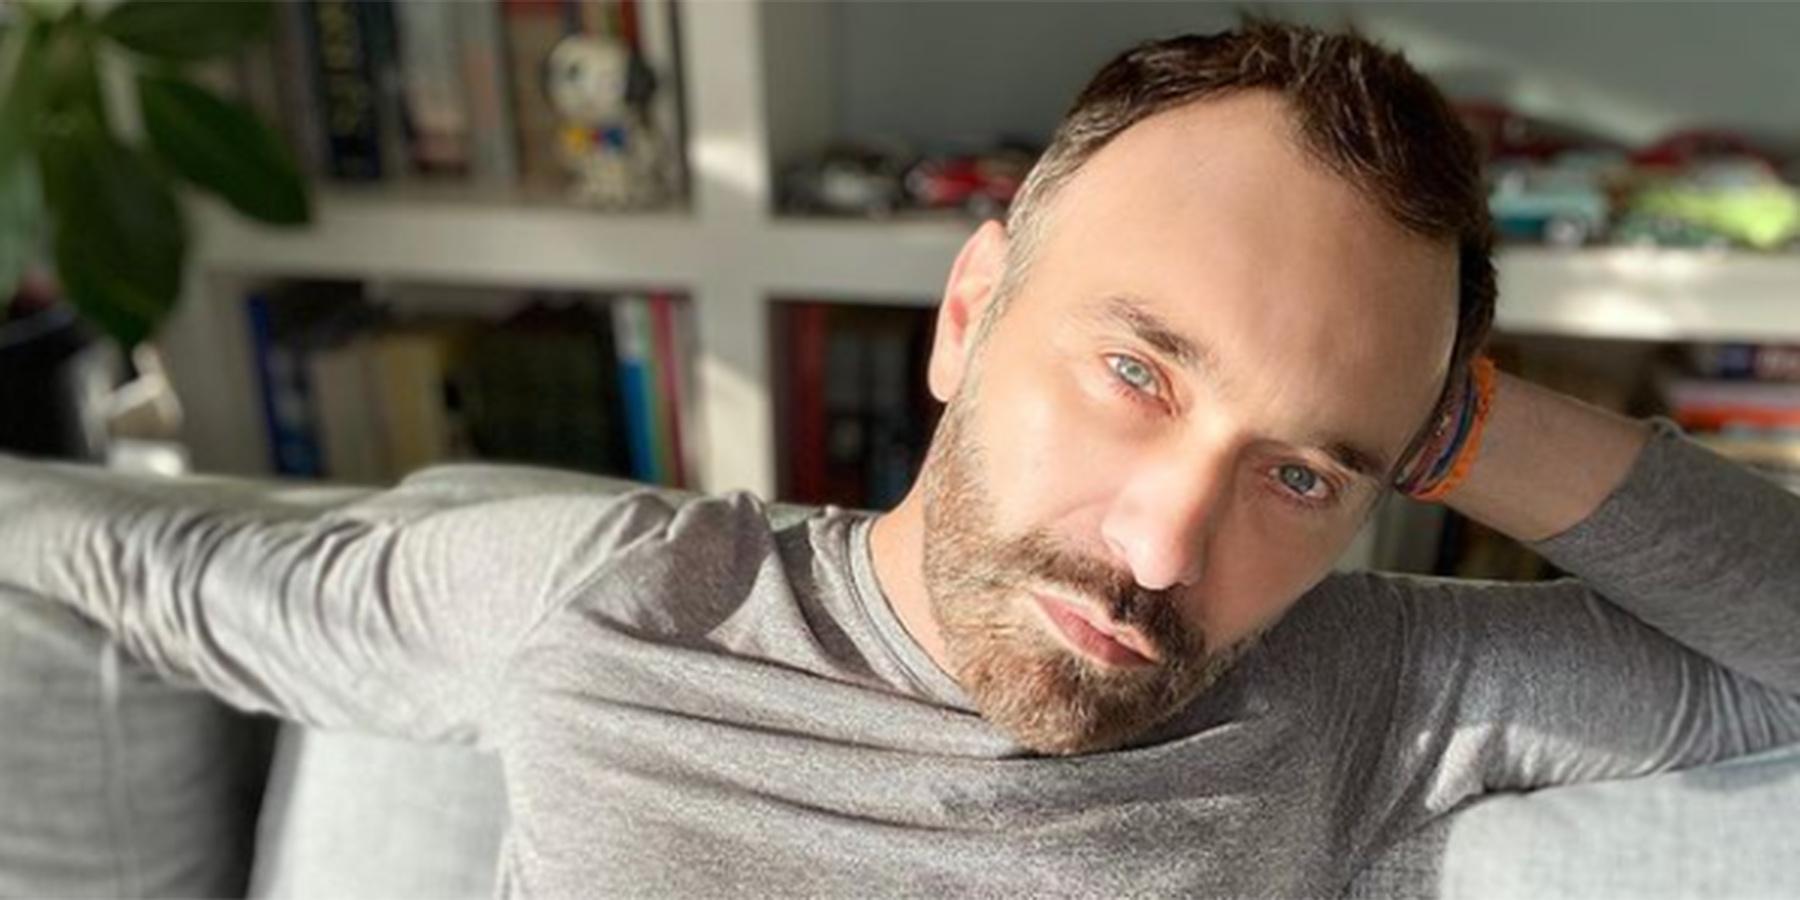 «Estoy hecho mier… Estoy en el suelo… Llevo una agonía larga», expresa Jordi Castell tras separación